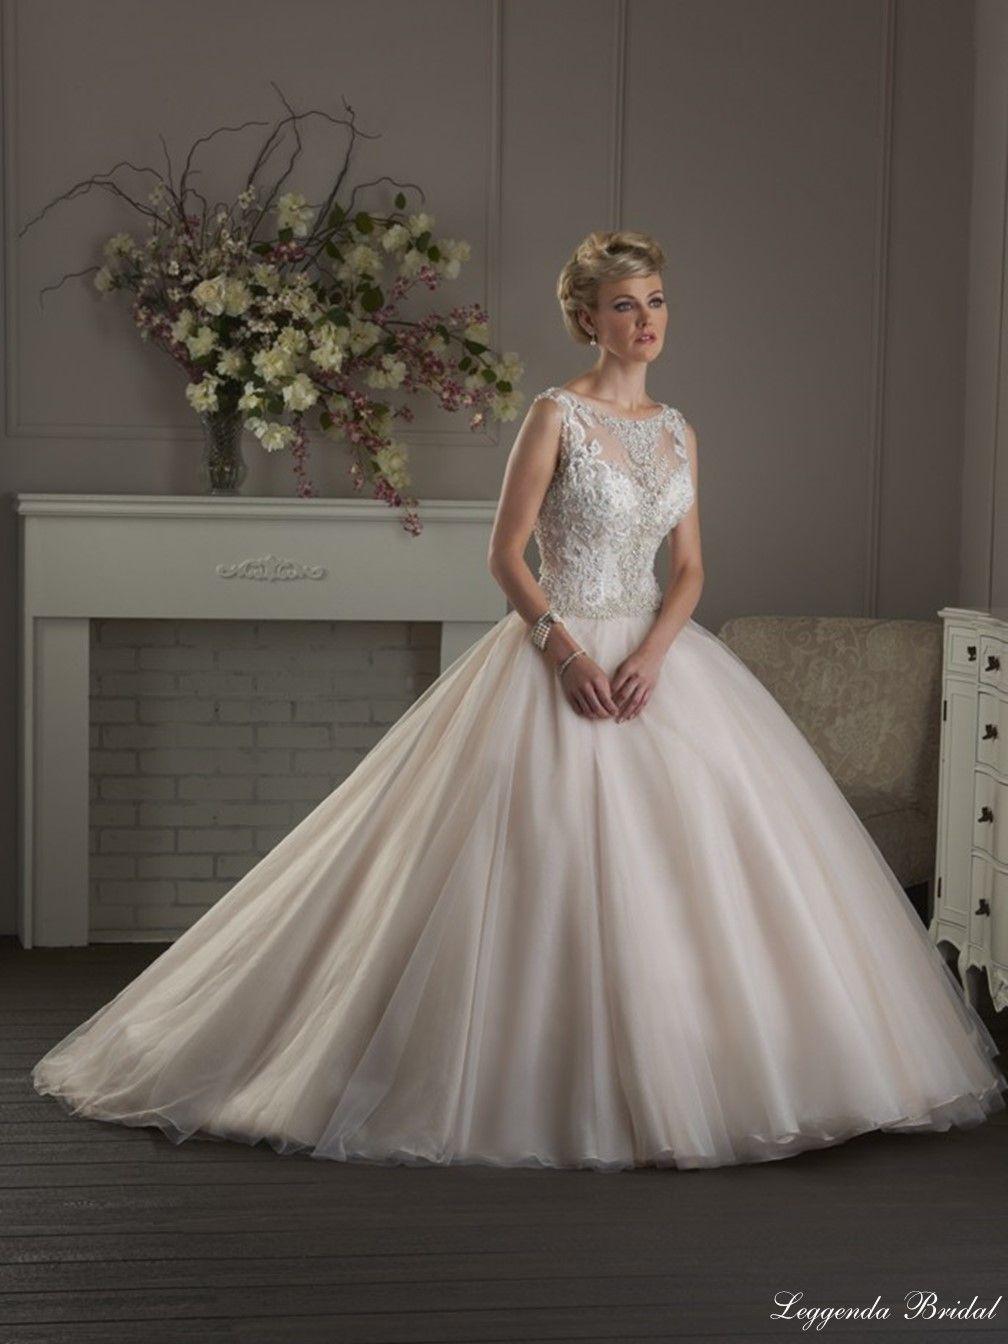 Fantastisch Brautkleid Honolulu Galerie - Hochzeitskleid Für Braut ...